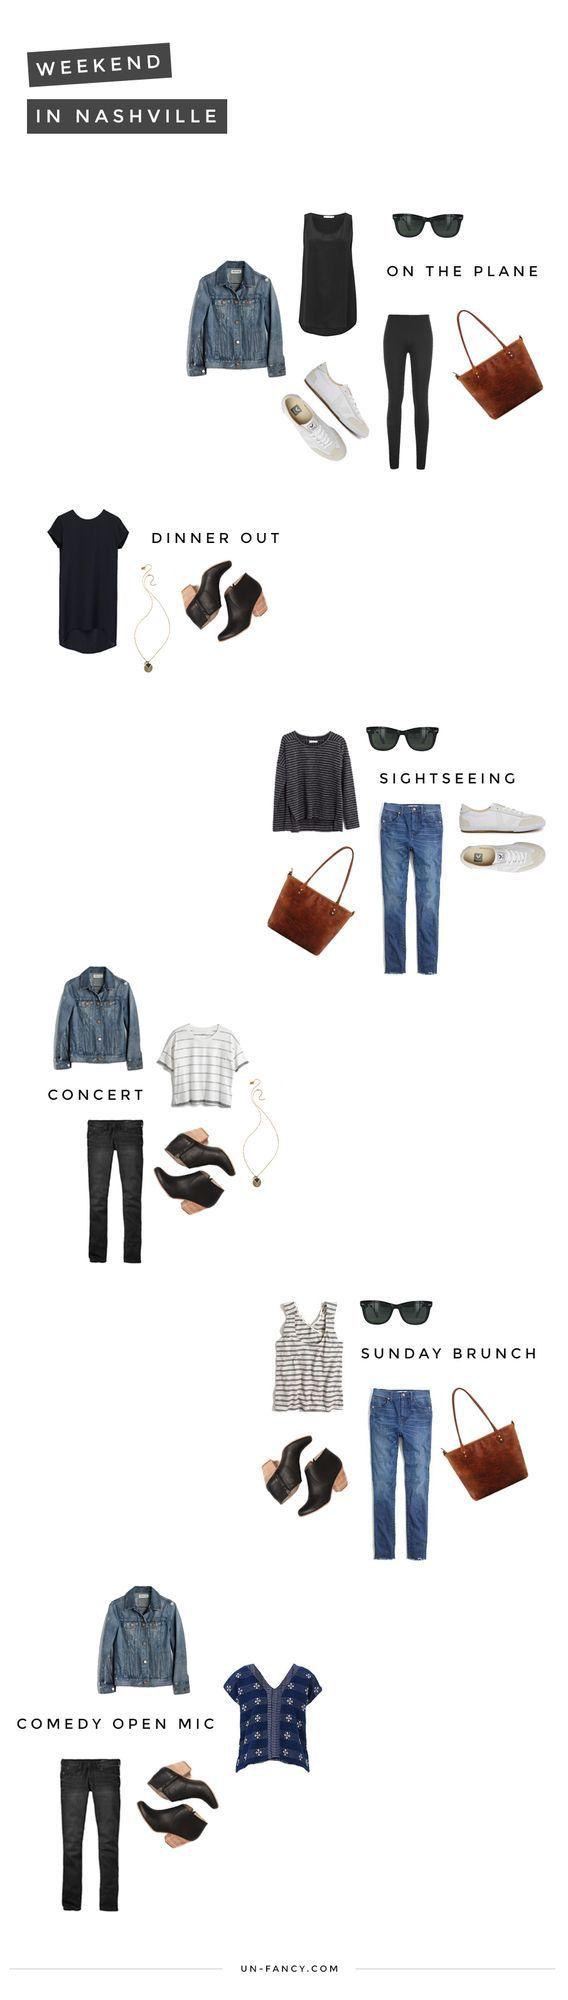 nashville: a weekend of outfits + a packing list | Un-Fancy | Bloglovin'